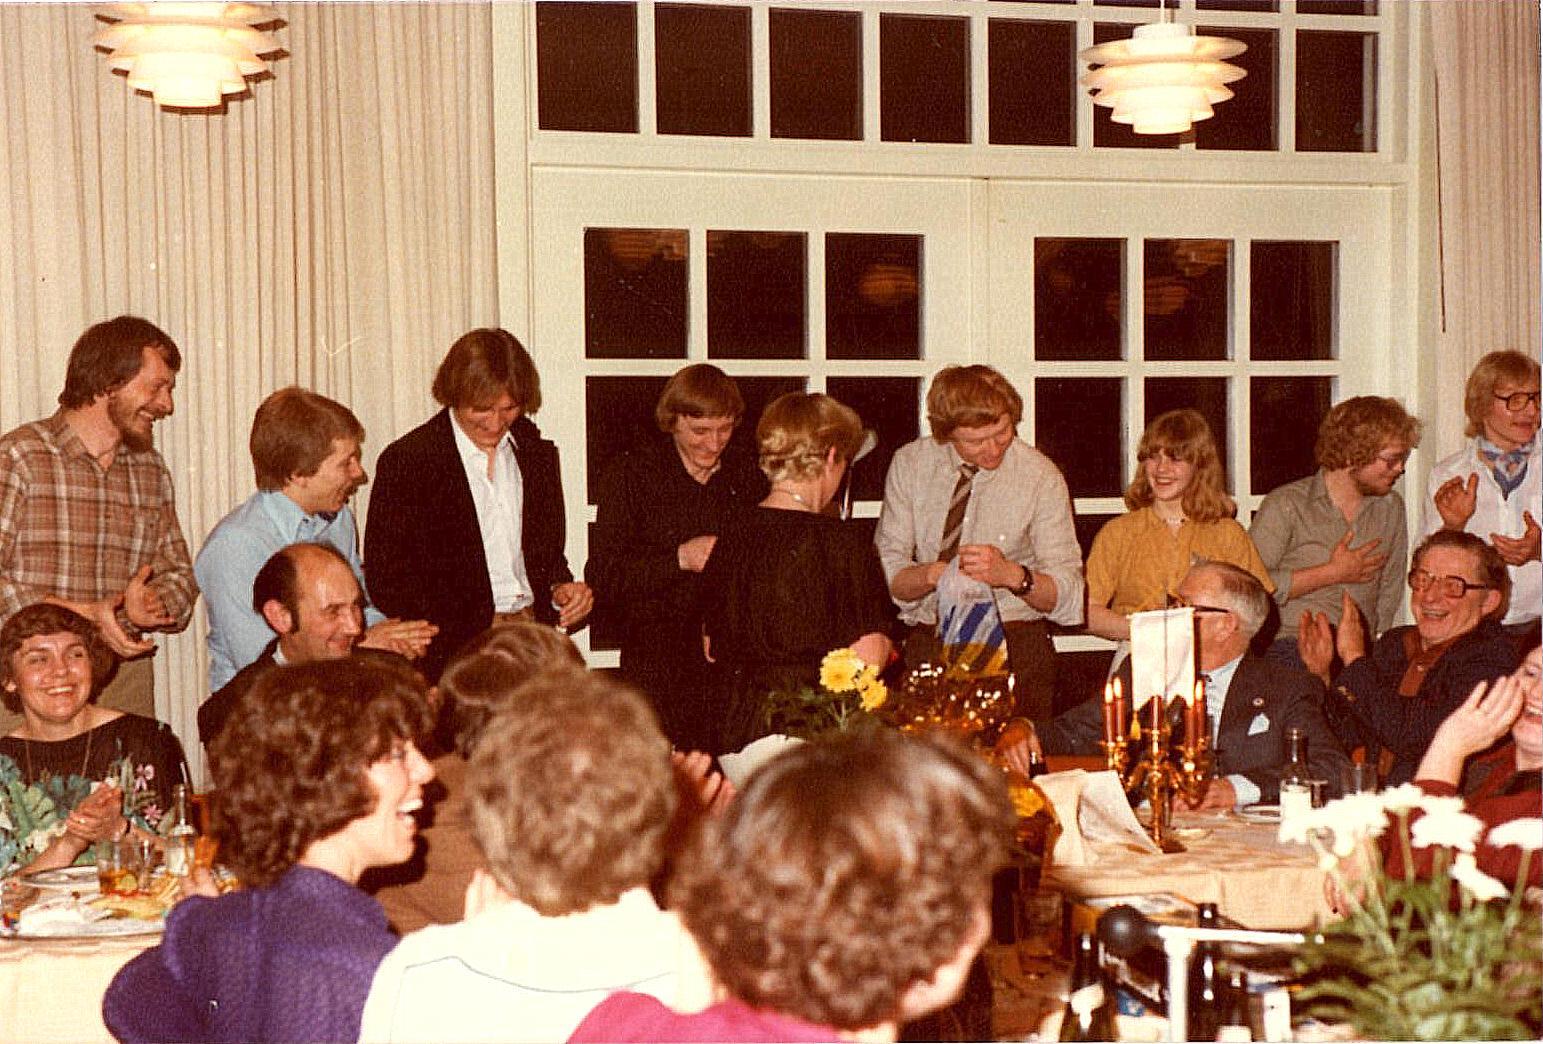 Fra højre Gert Nøjsen, Weinreich, Mogens Dam, Krause, Eva, Lars, Gry, Tim og Poul Jensen.